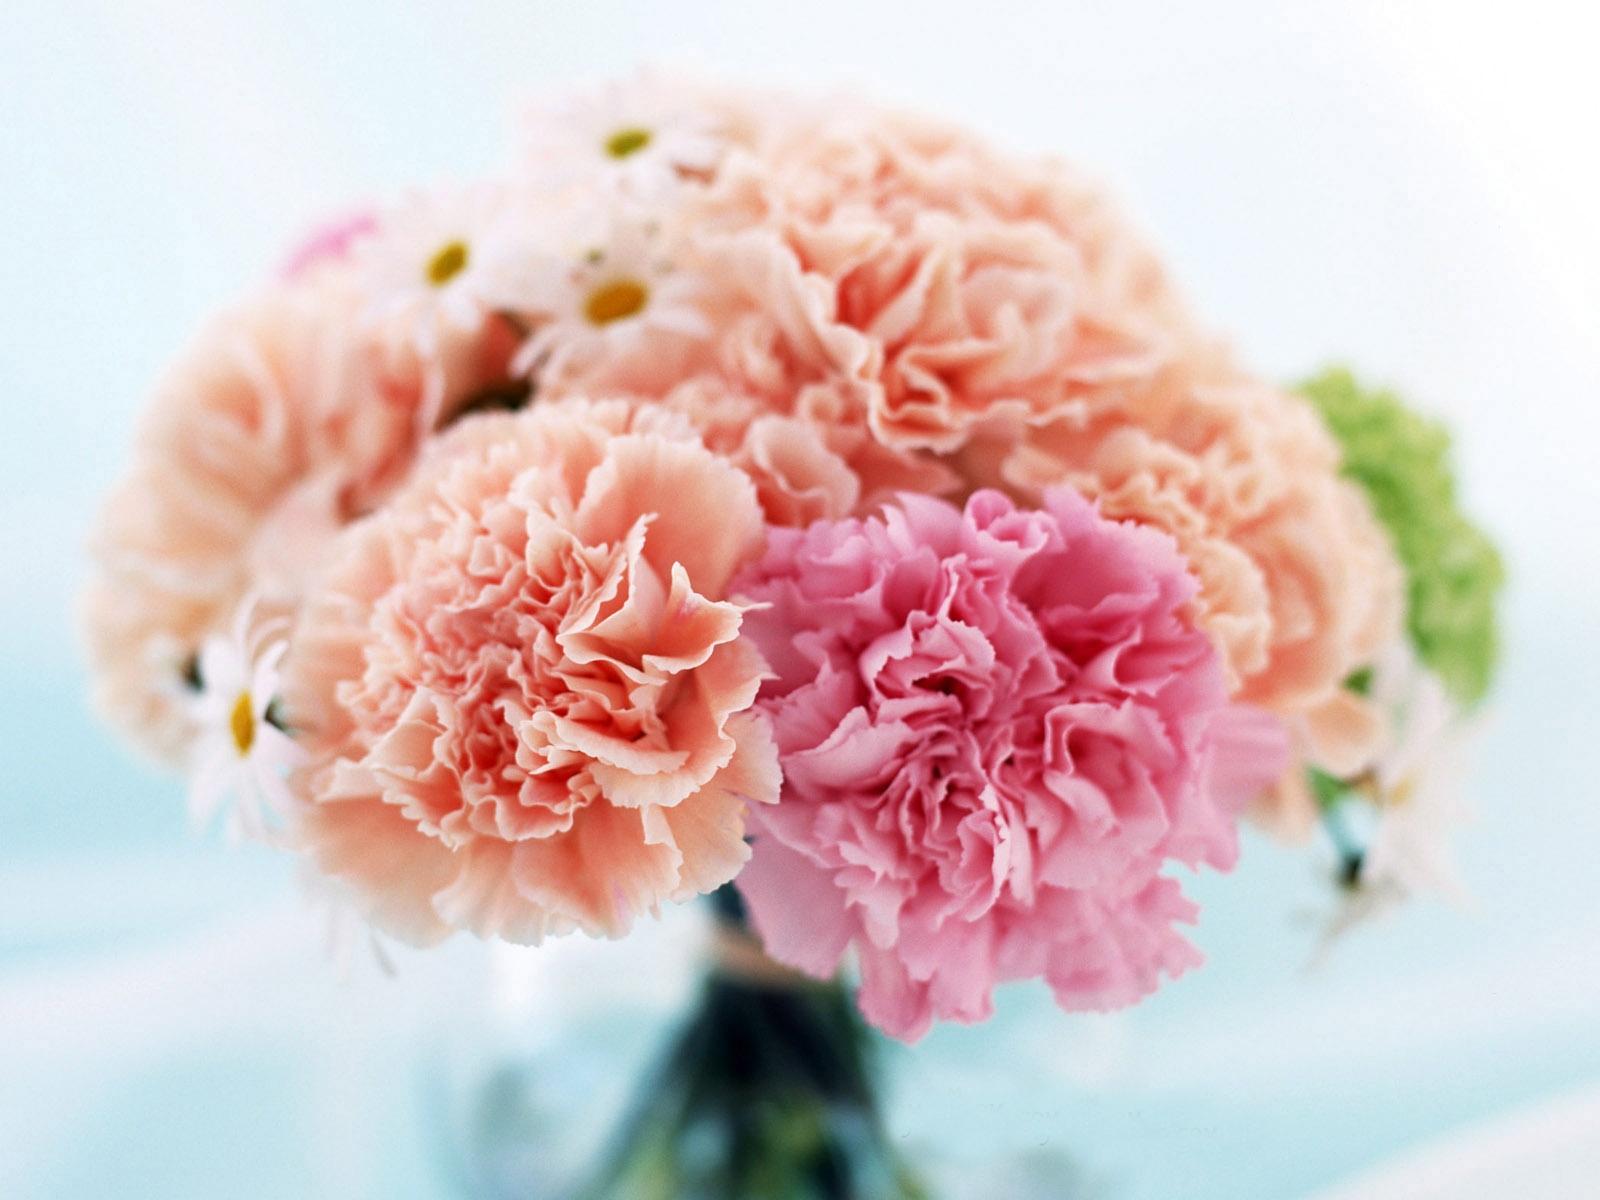 carnation images